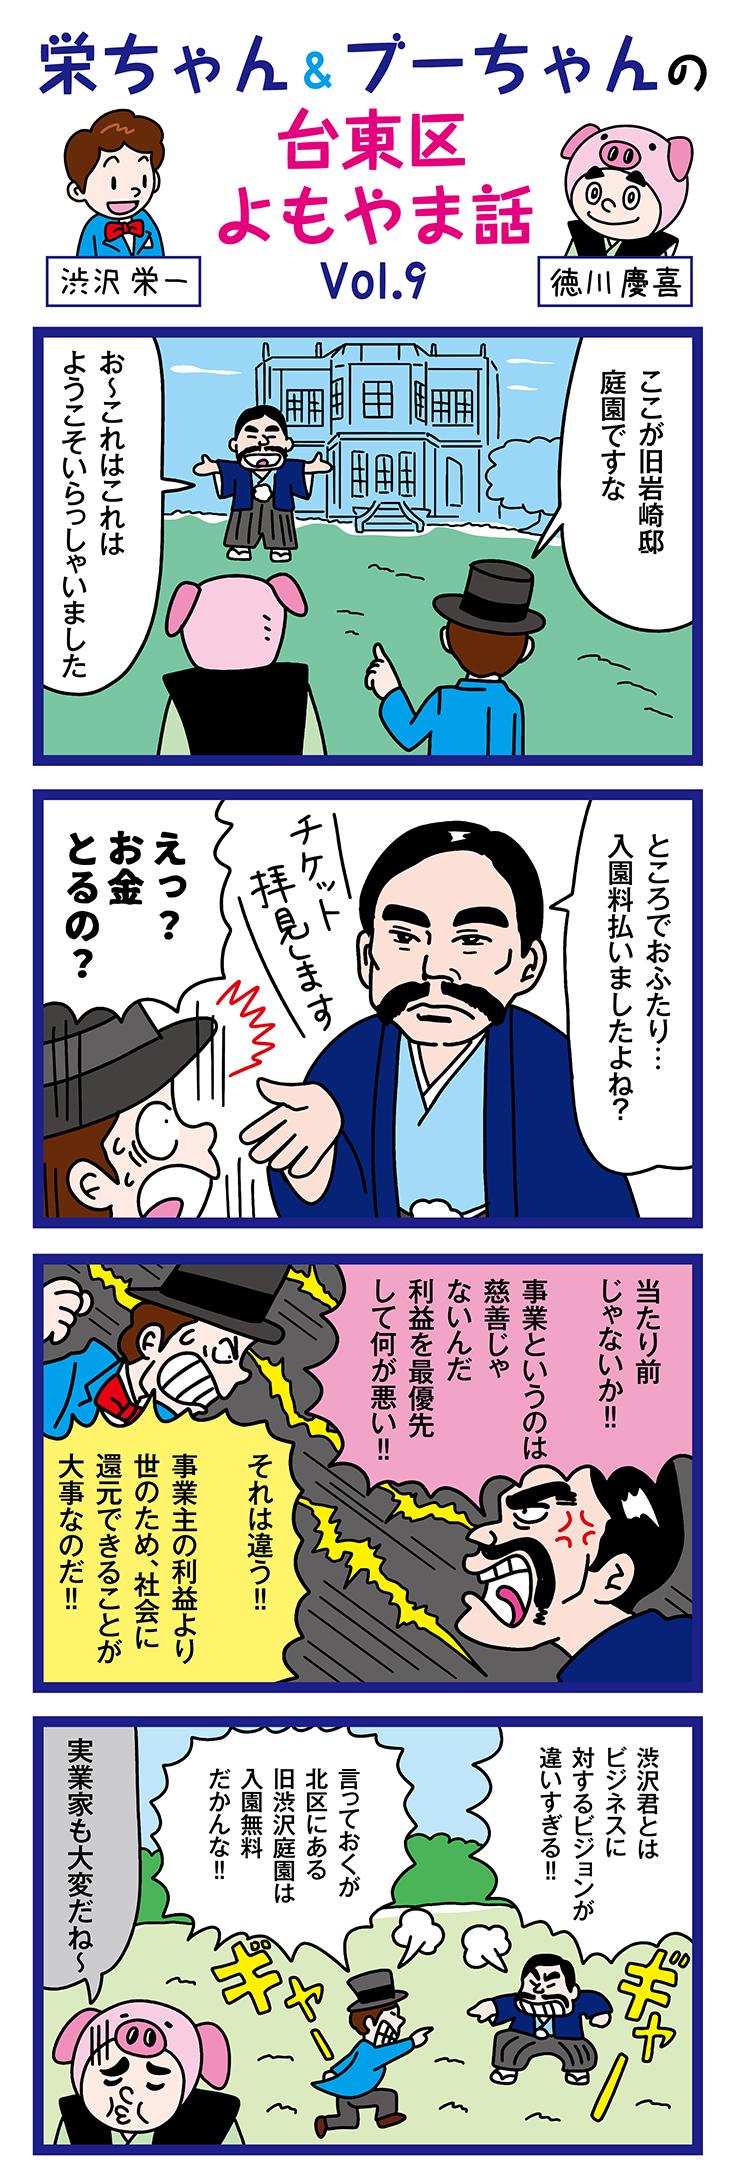 岩崎弥太郎VS渋沢栄一